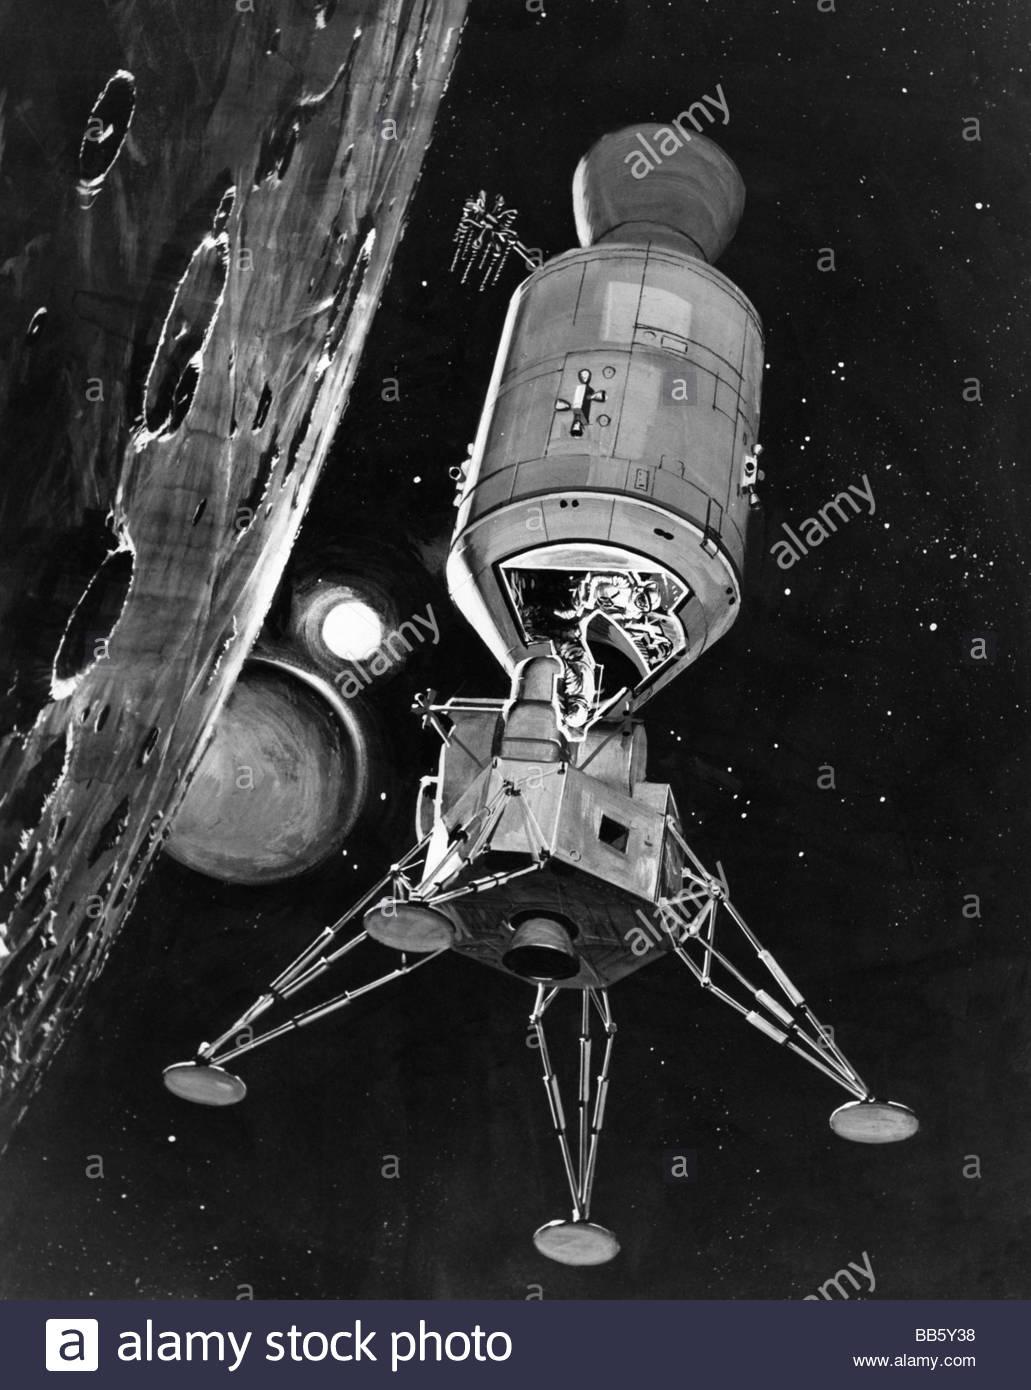 luna spacecraft drawings-#7